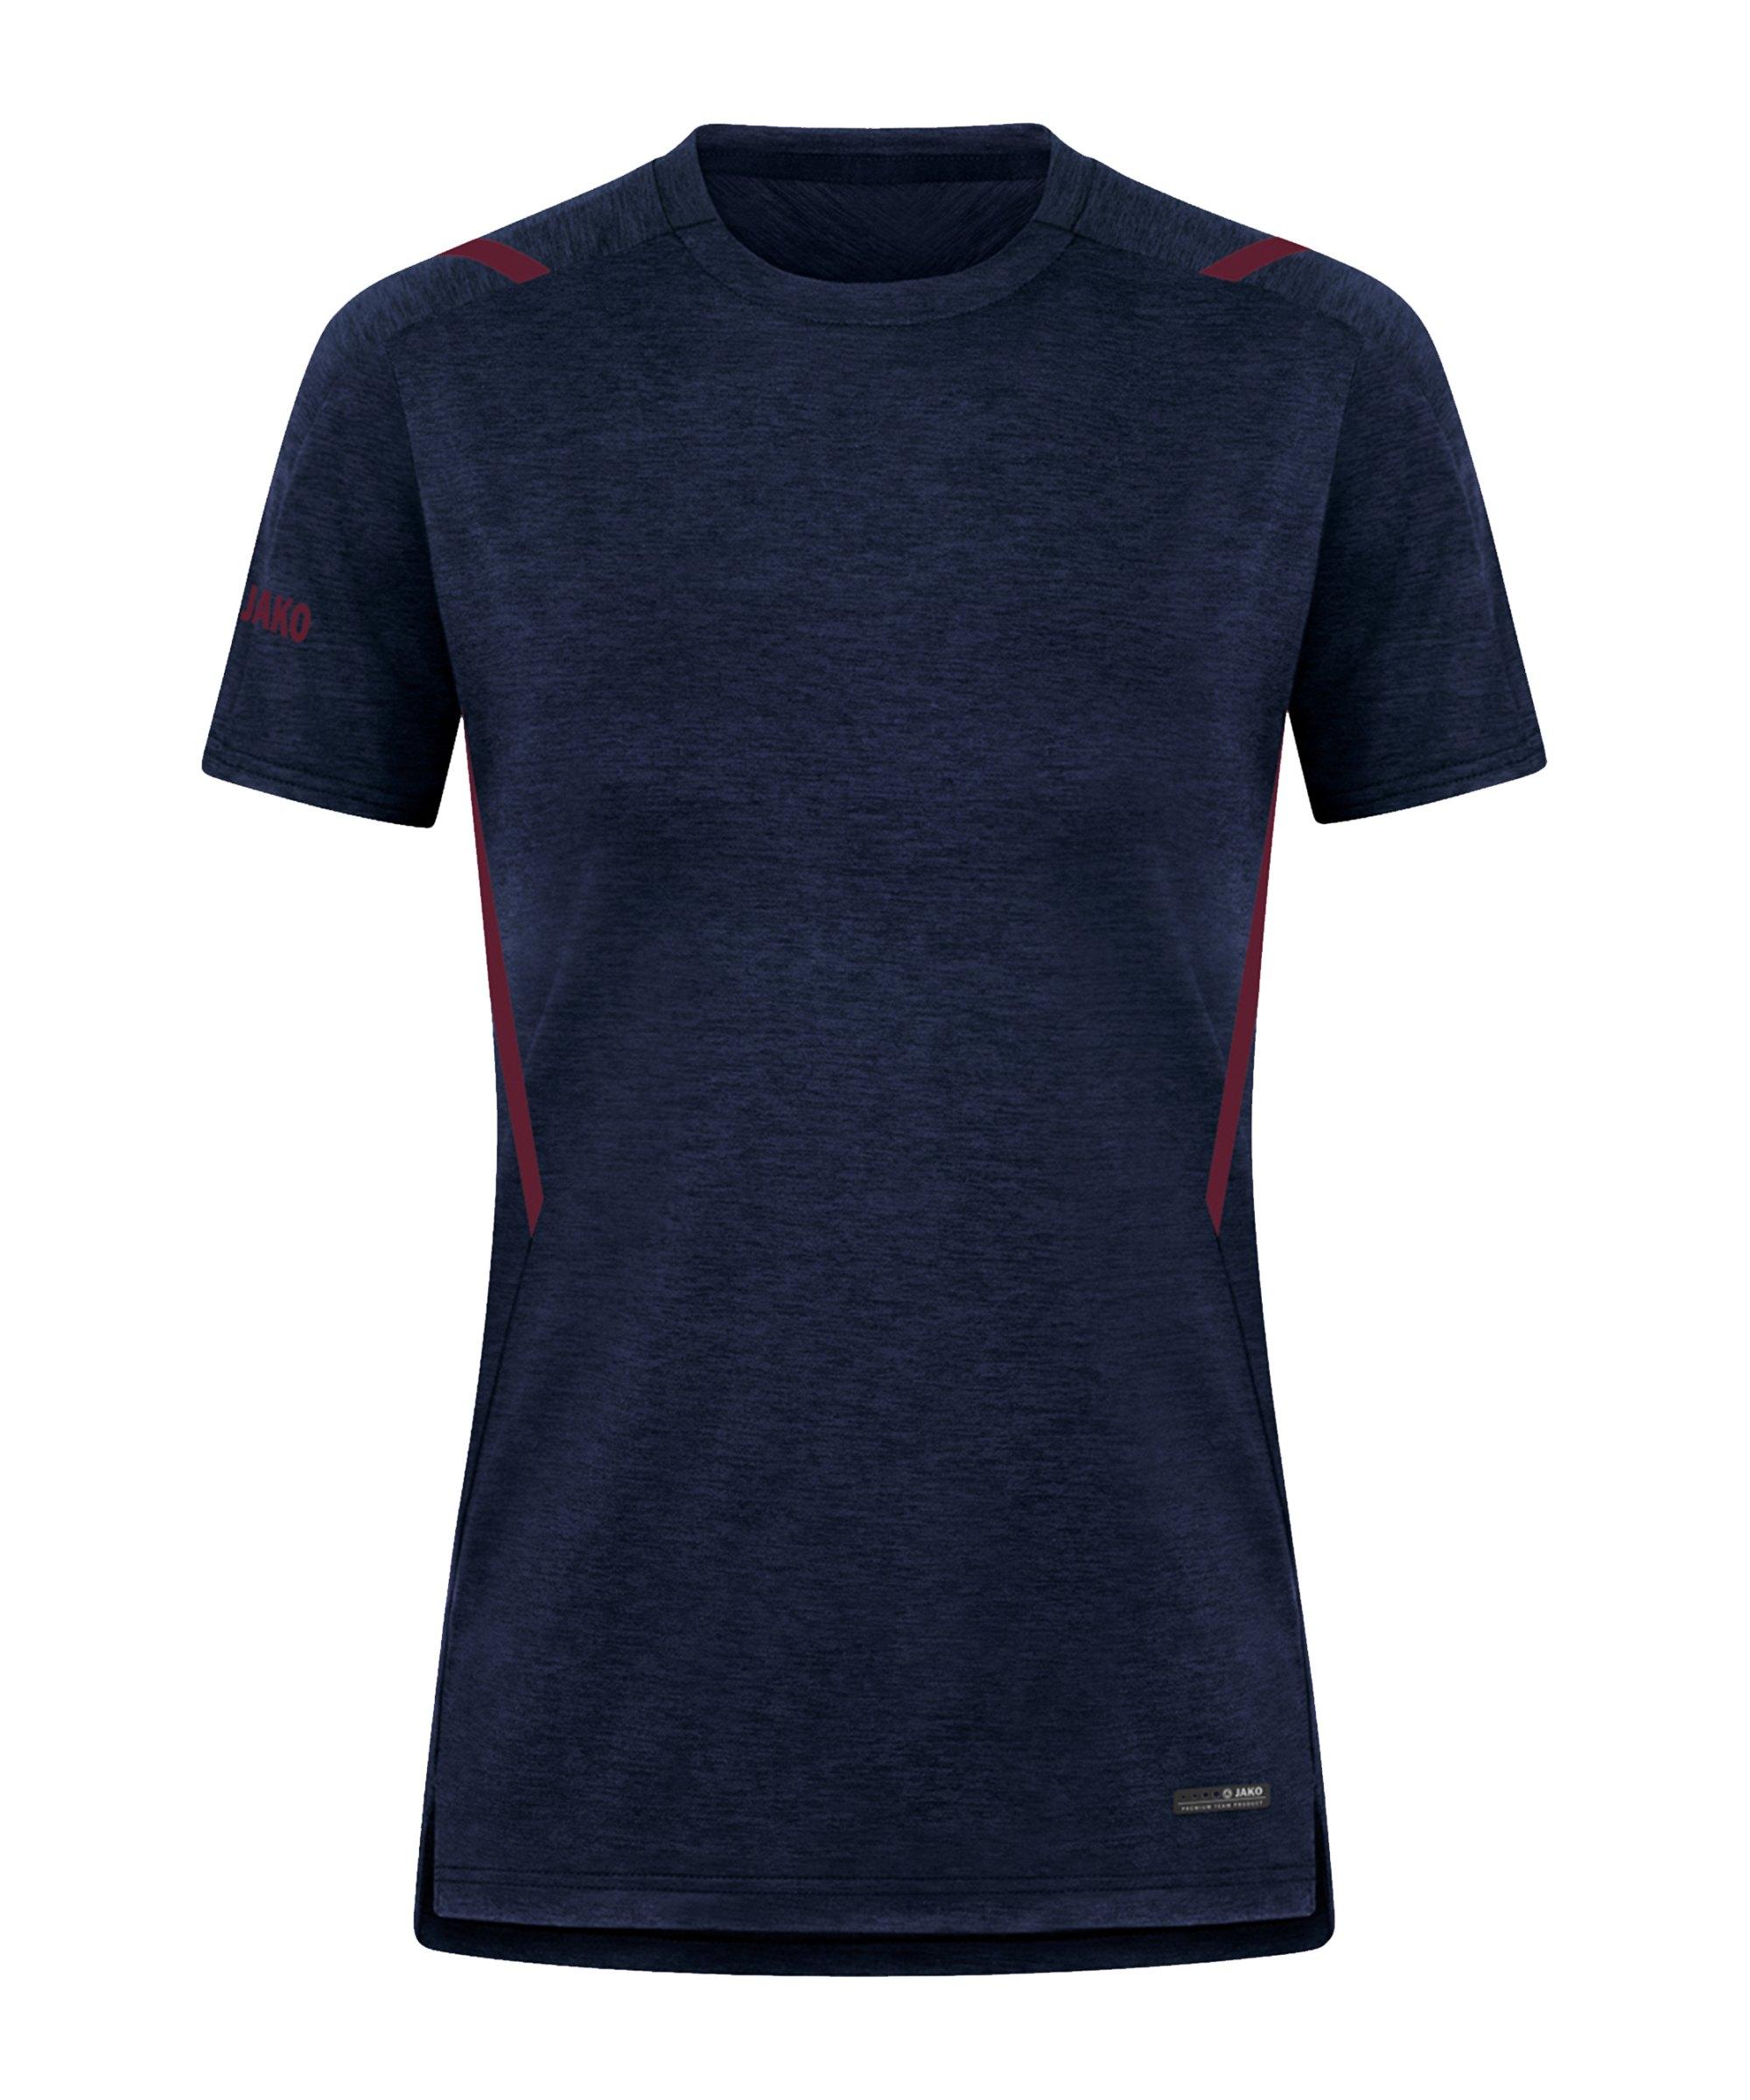 JAKO Challenge Freizeit T-Shirt Damen F513 - blau